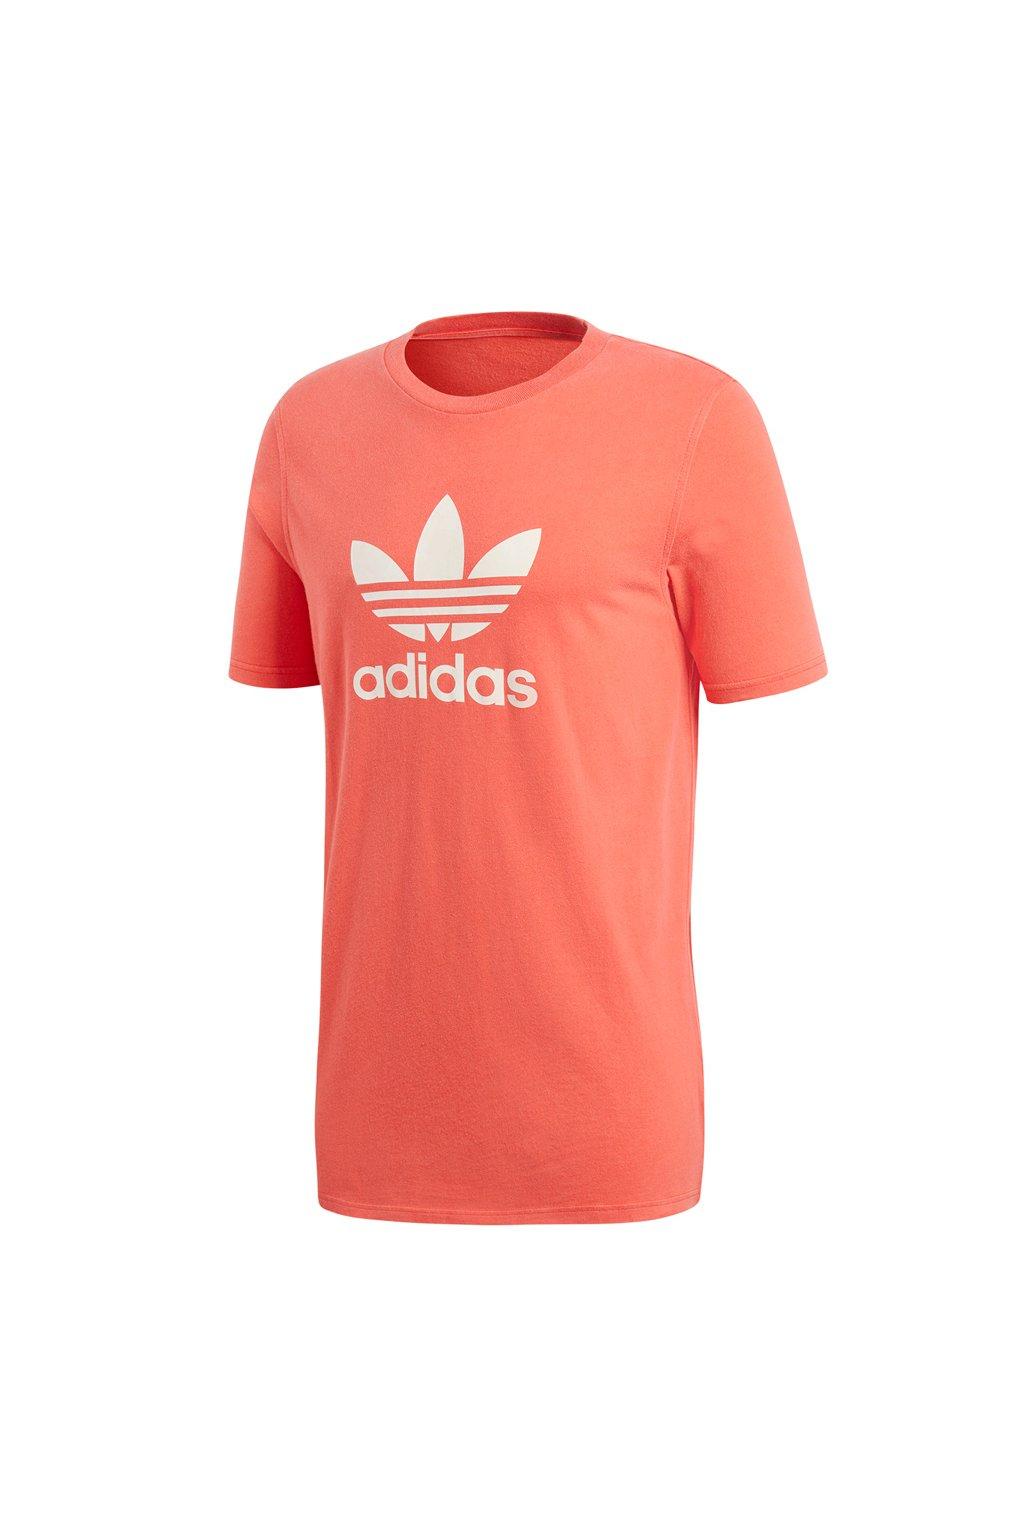 Pánske tričko Adidas Trefoil DH5777